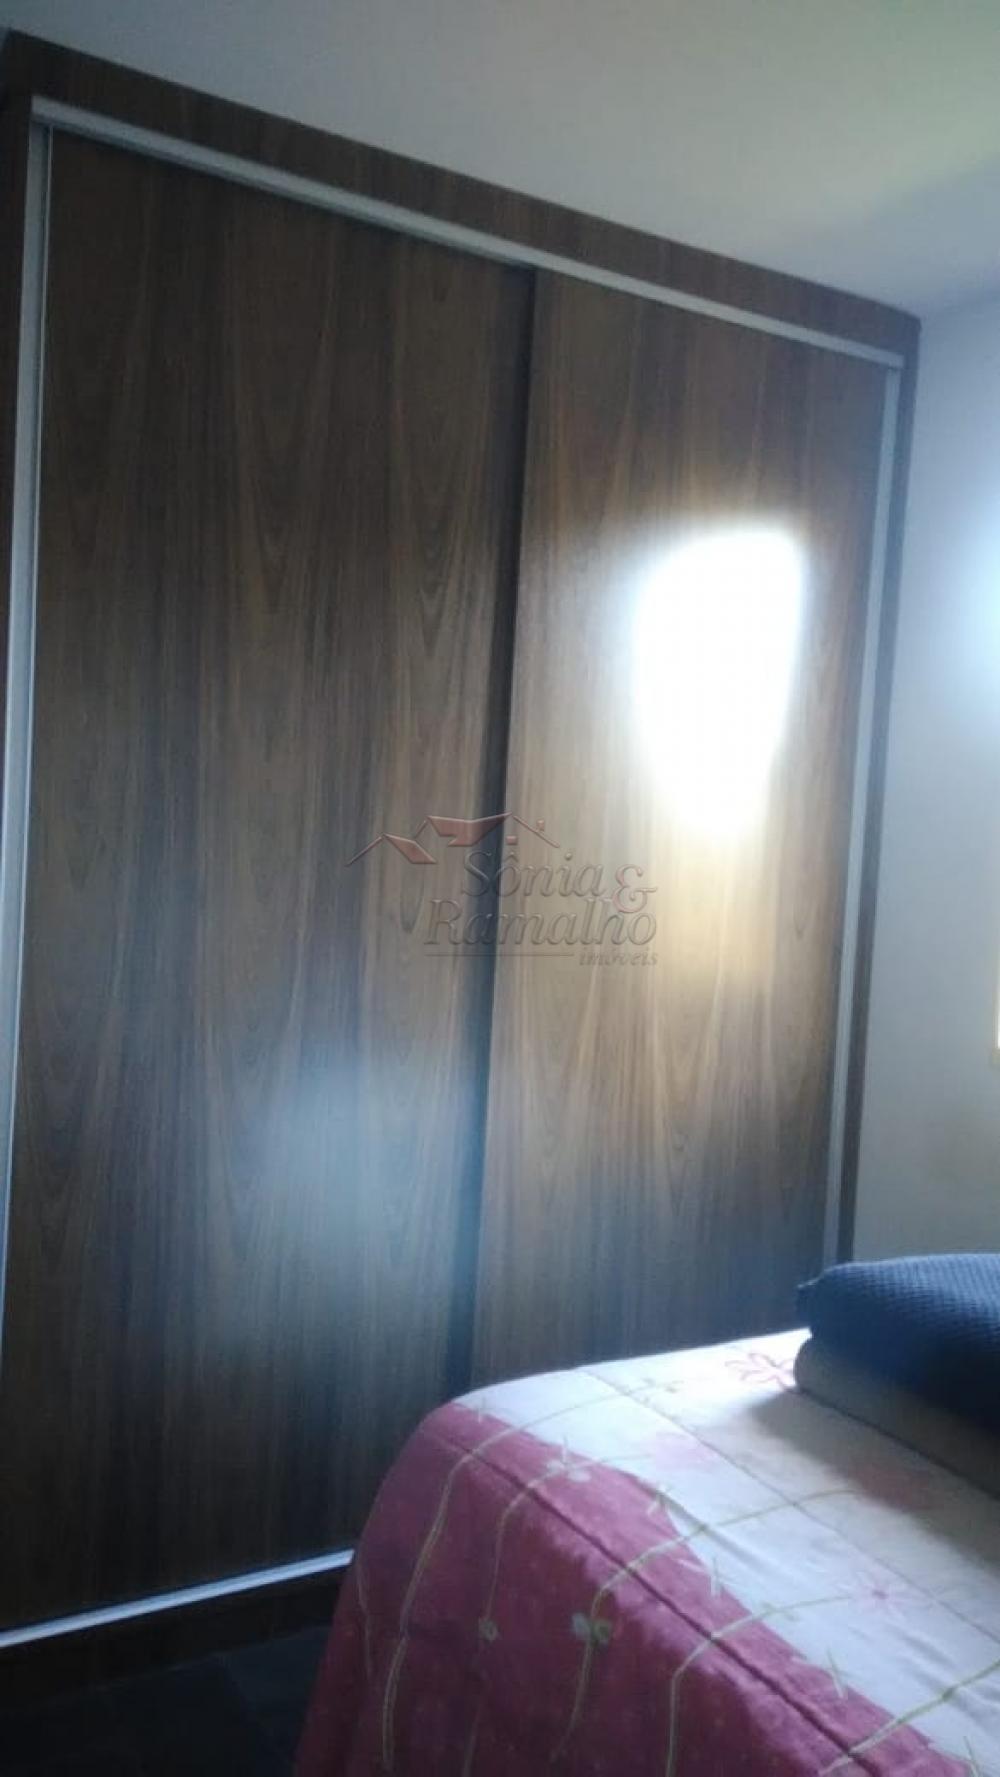 Comprar Apartamentos / Padrão em Ribeirão Preto apenas R$ 110.000,00 - Foto 2